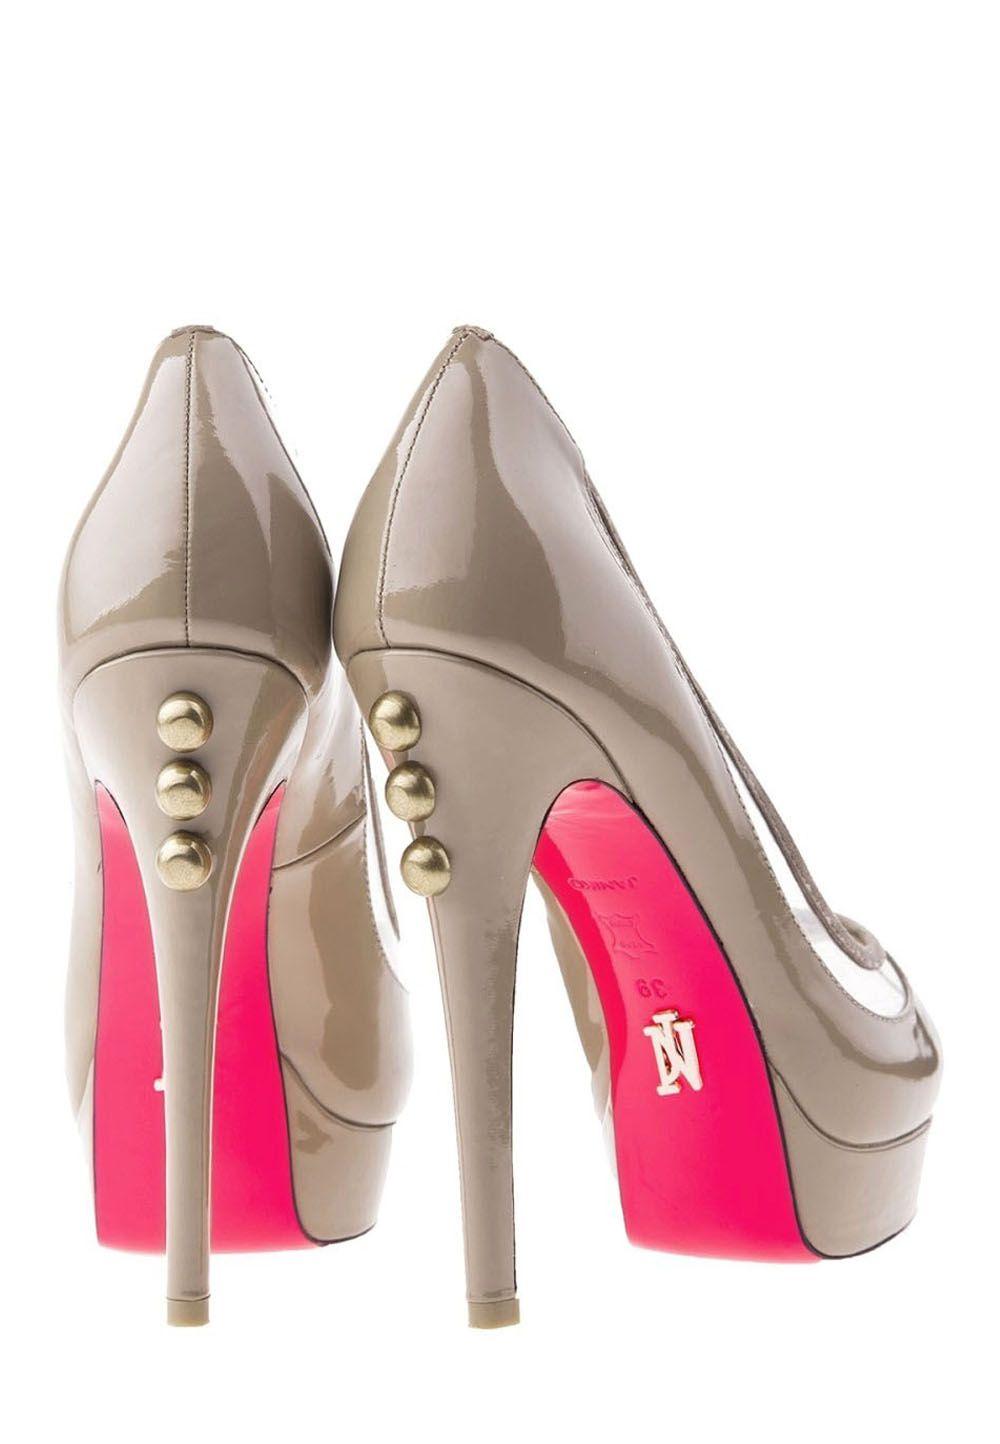 23a5cc97c4a42f JANIKO  Ausgefallene Schuhe - brands4friends.de